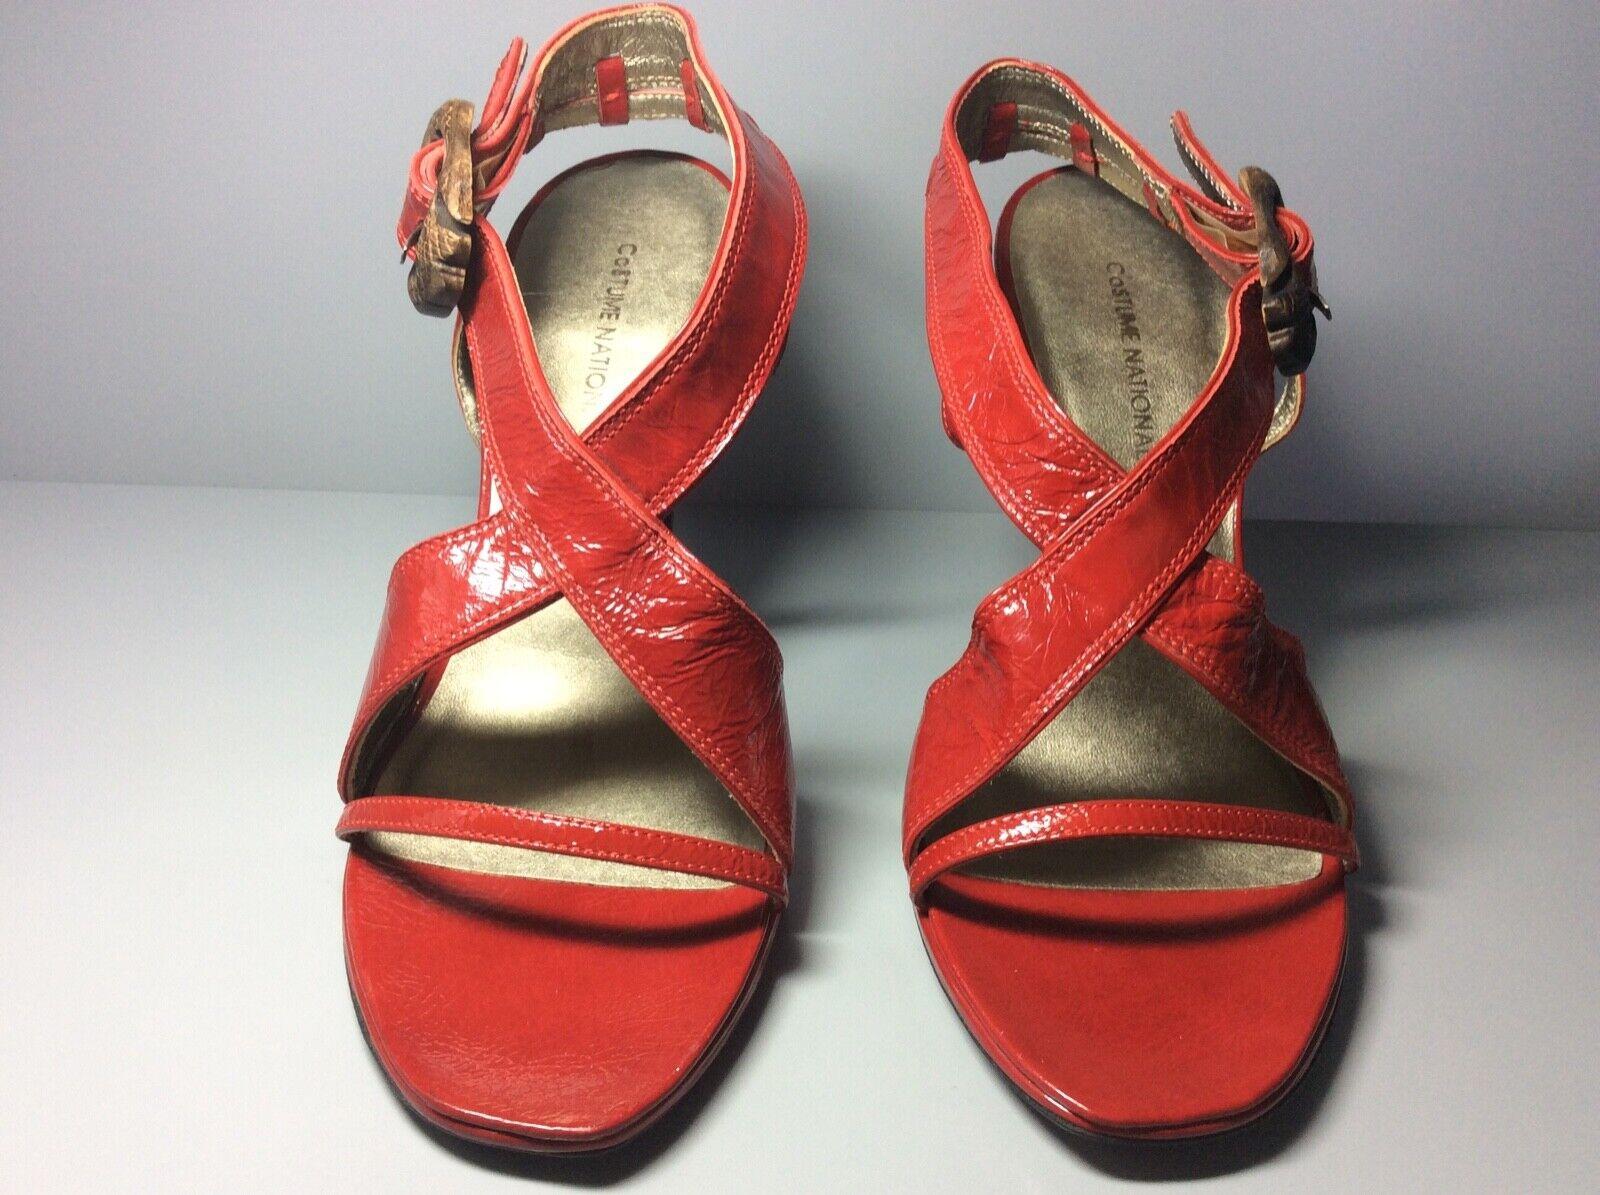 Donne _cuoioverniciato rosso CoSTUDE Dimensione nazionale delle  scarpe 38  shopping online di moda